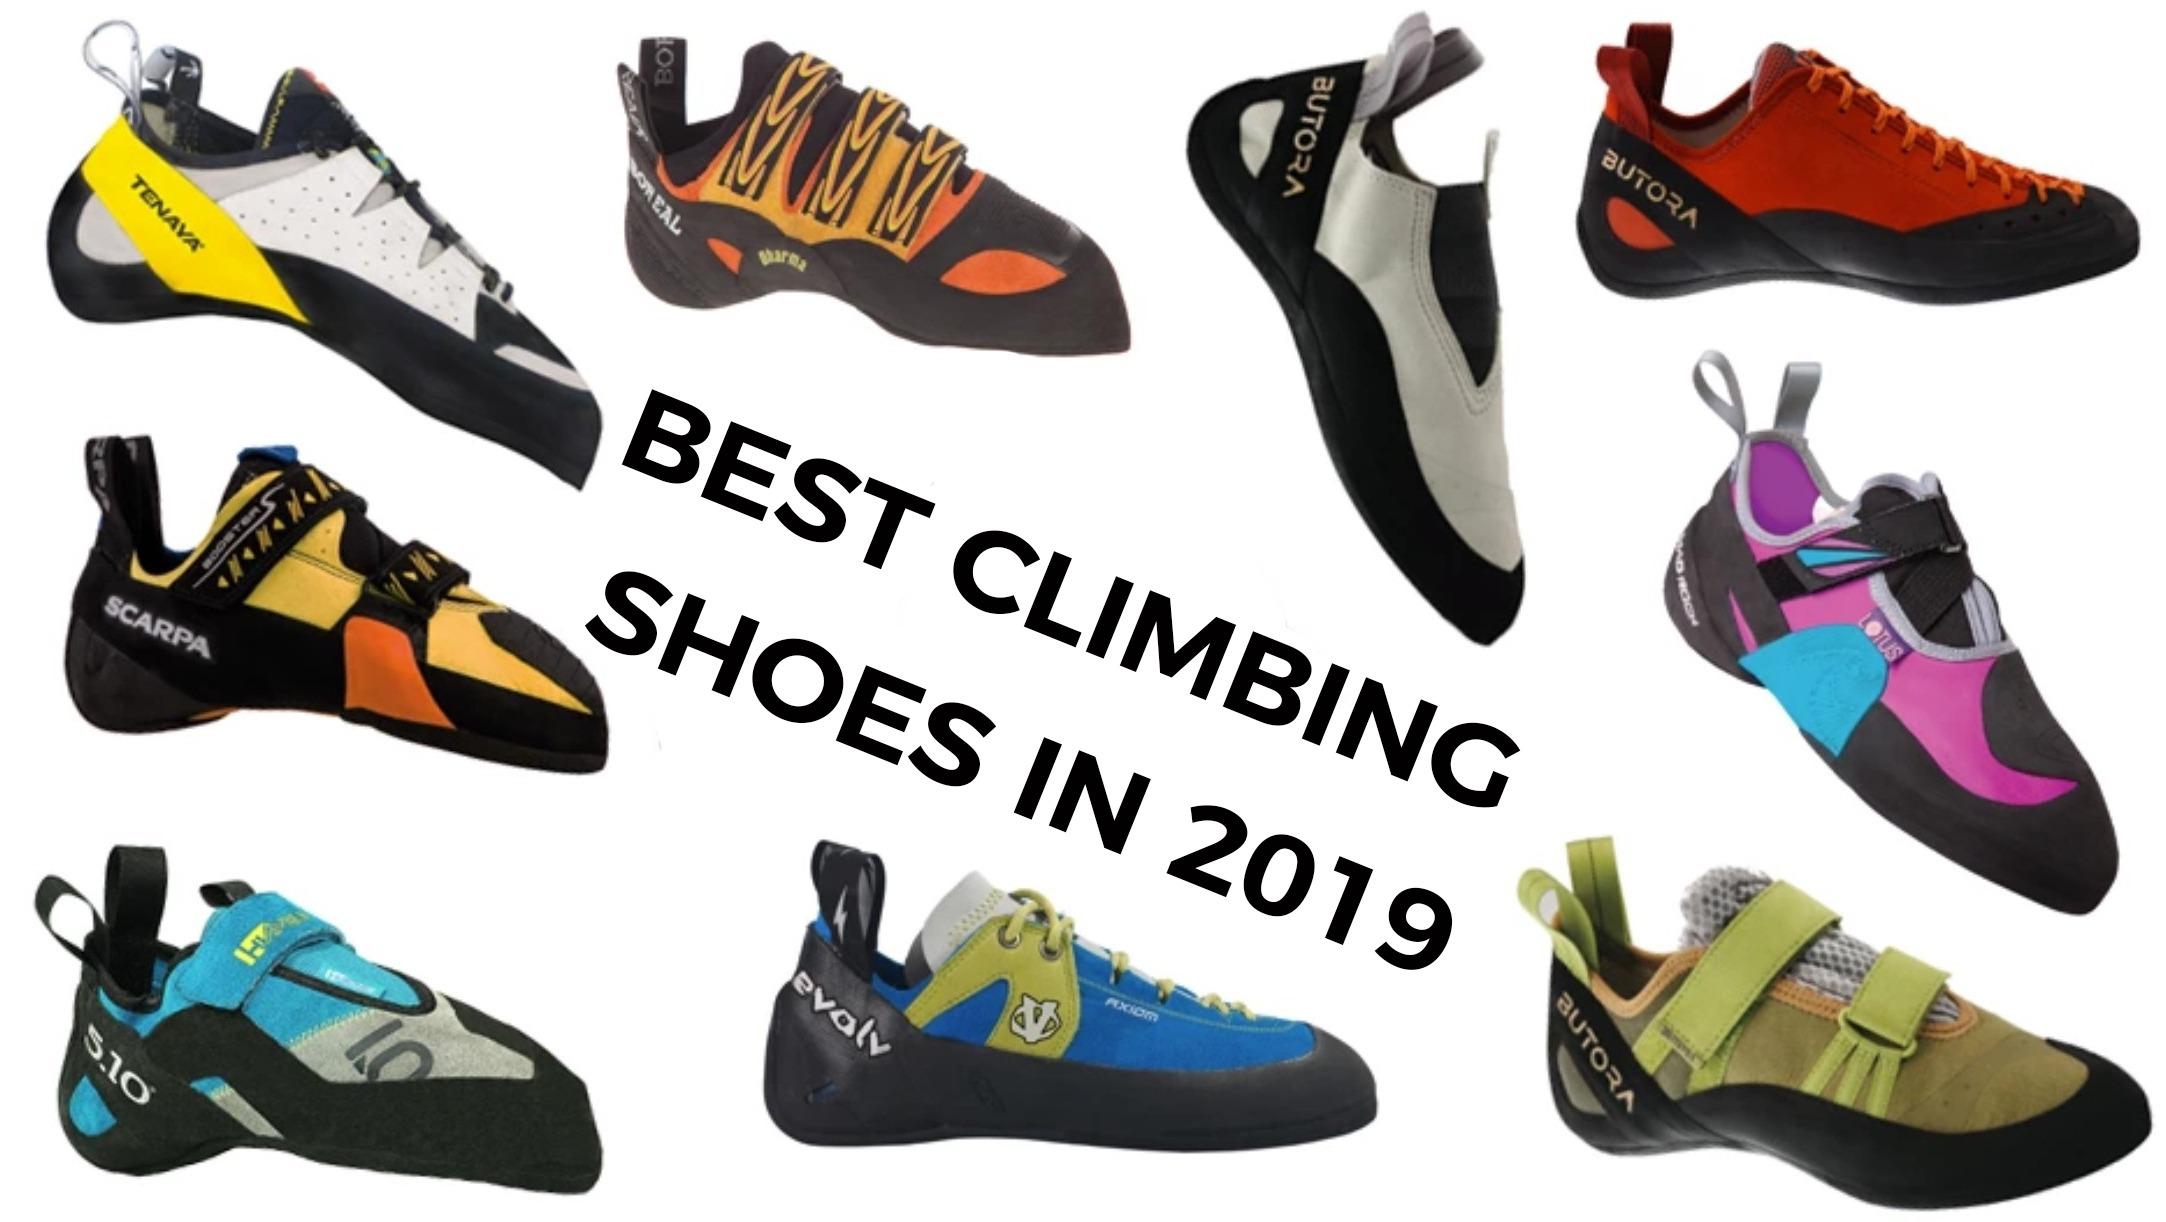 4 Best Rock Climbing Shoes [2019